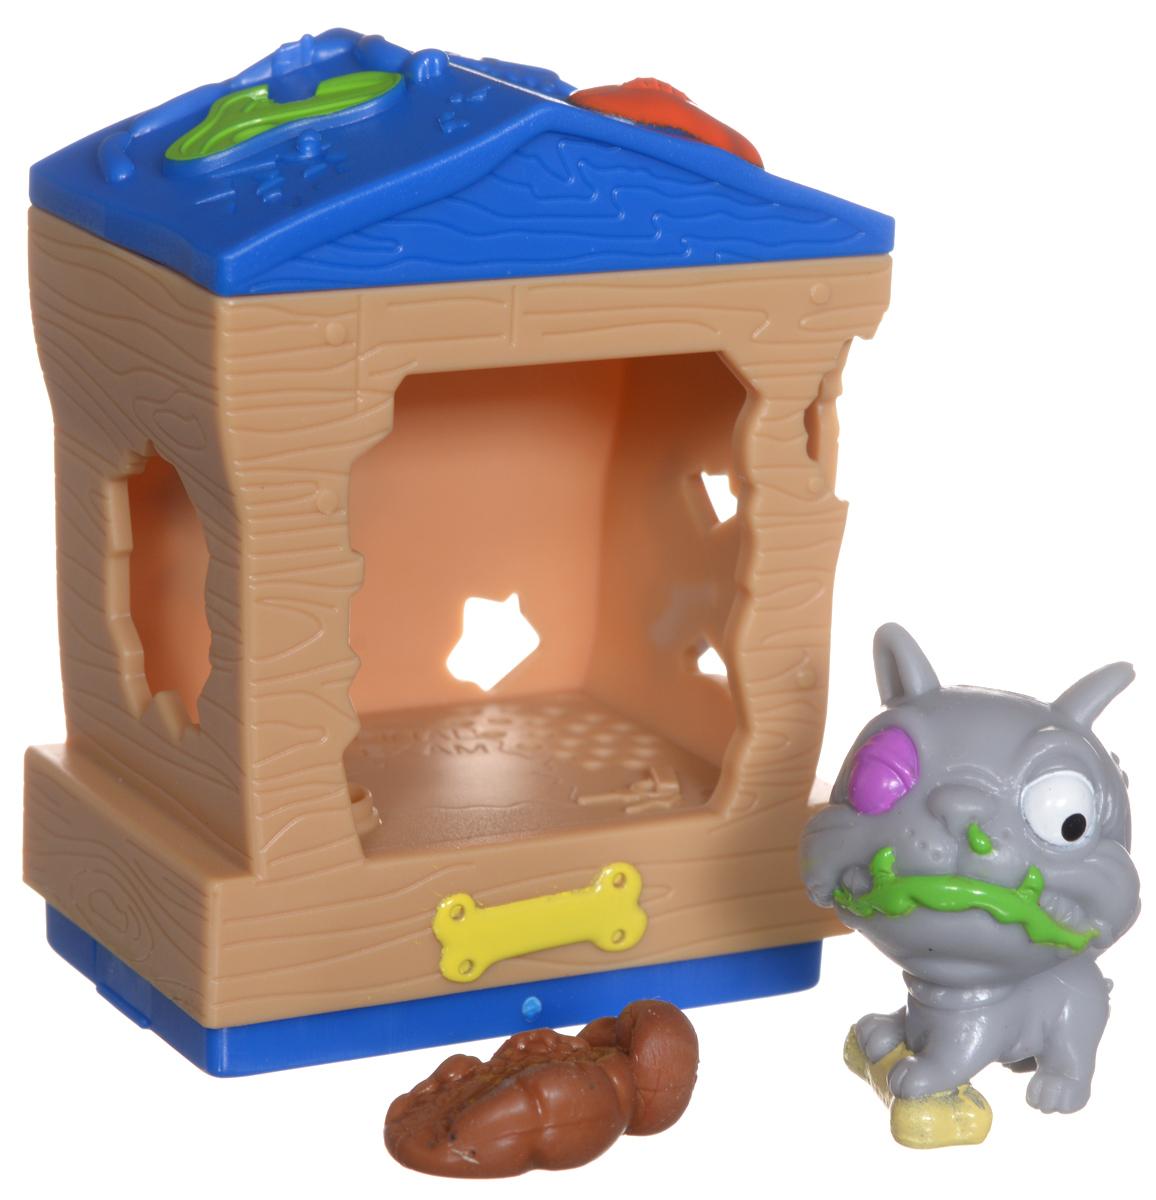 Ugglys Pet Shop Игровой набор Домик с фигуркой Mutt Hut набор игровой jakks pacific домик с фигуркой смурфика